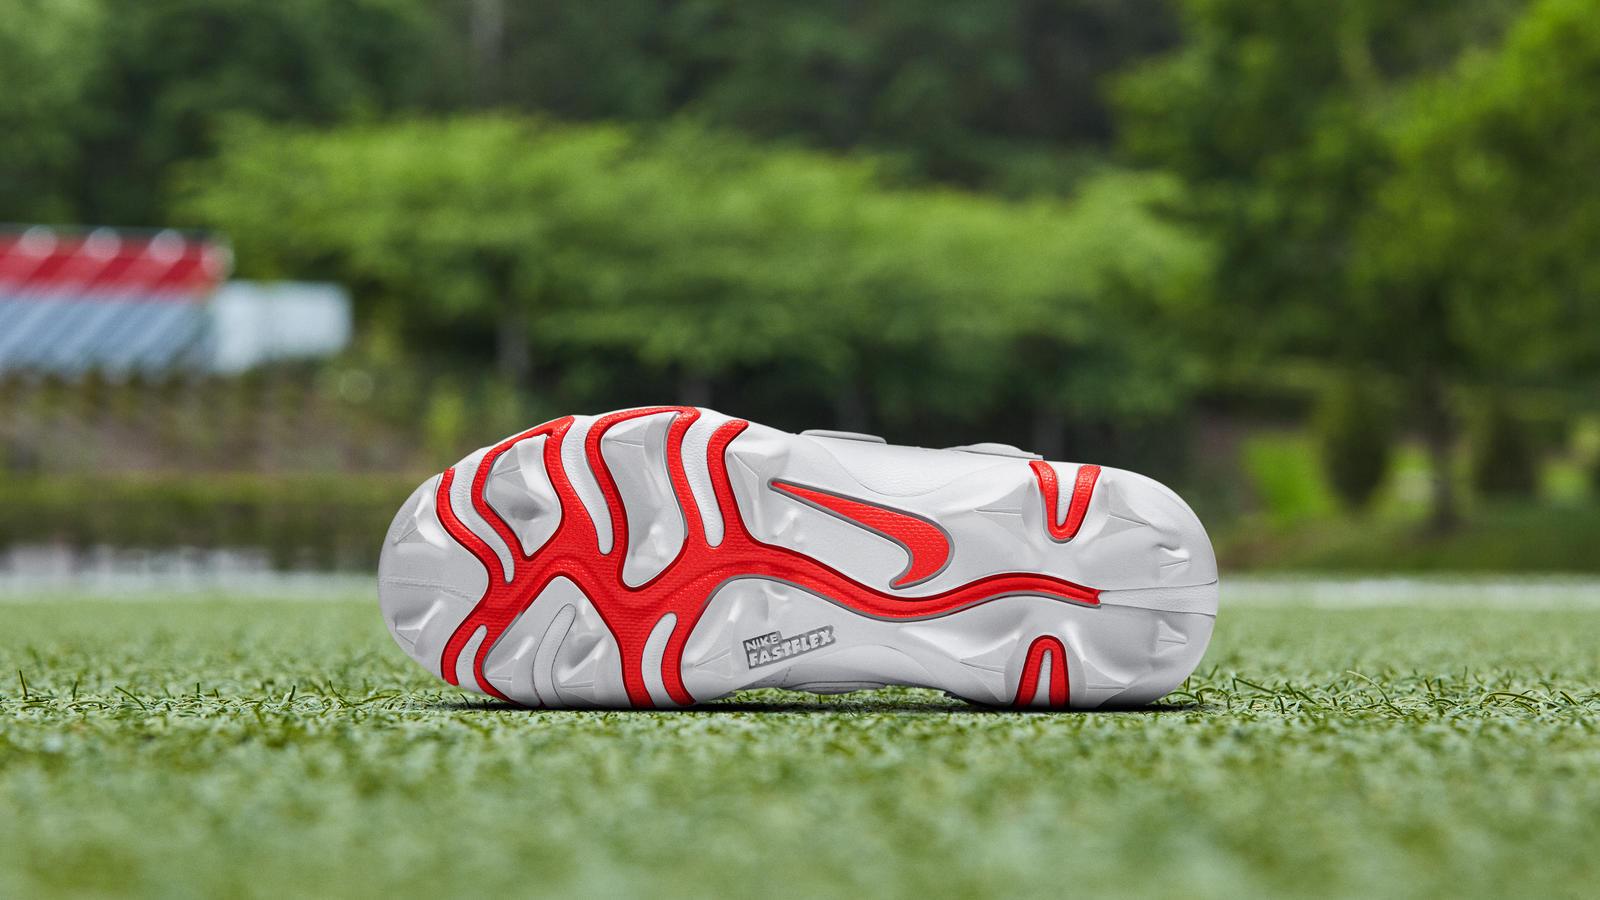 bcb8e65e9 Nike Vapor Untouchable Pro 3 OBJ Uptempo Cleat - Nike News